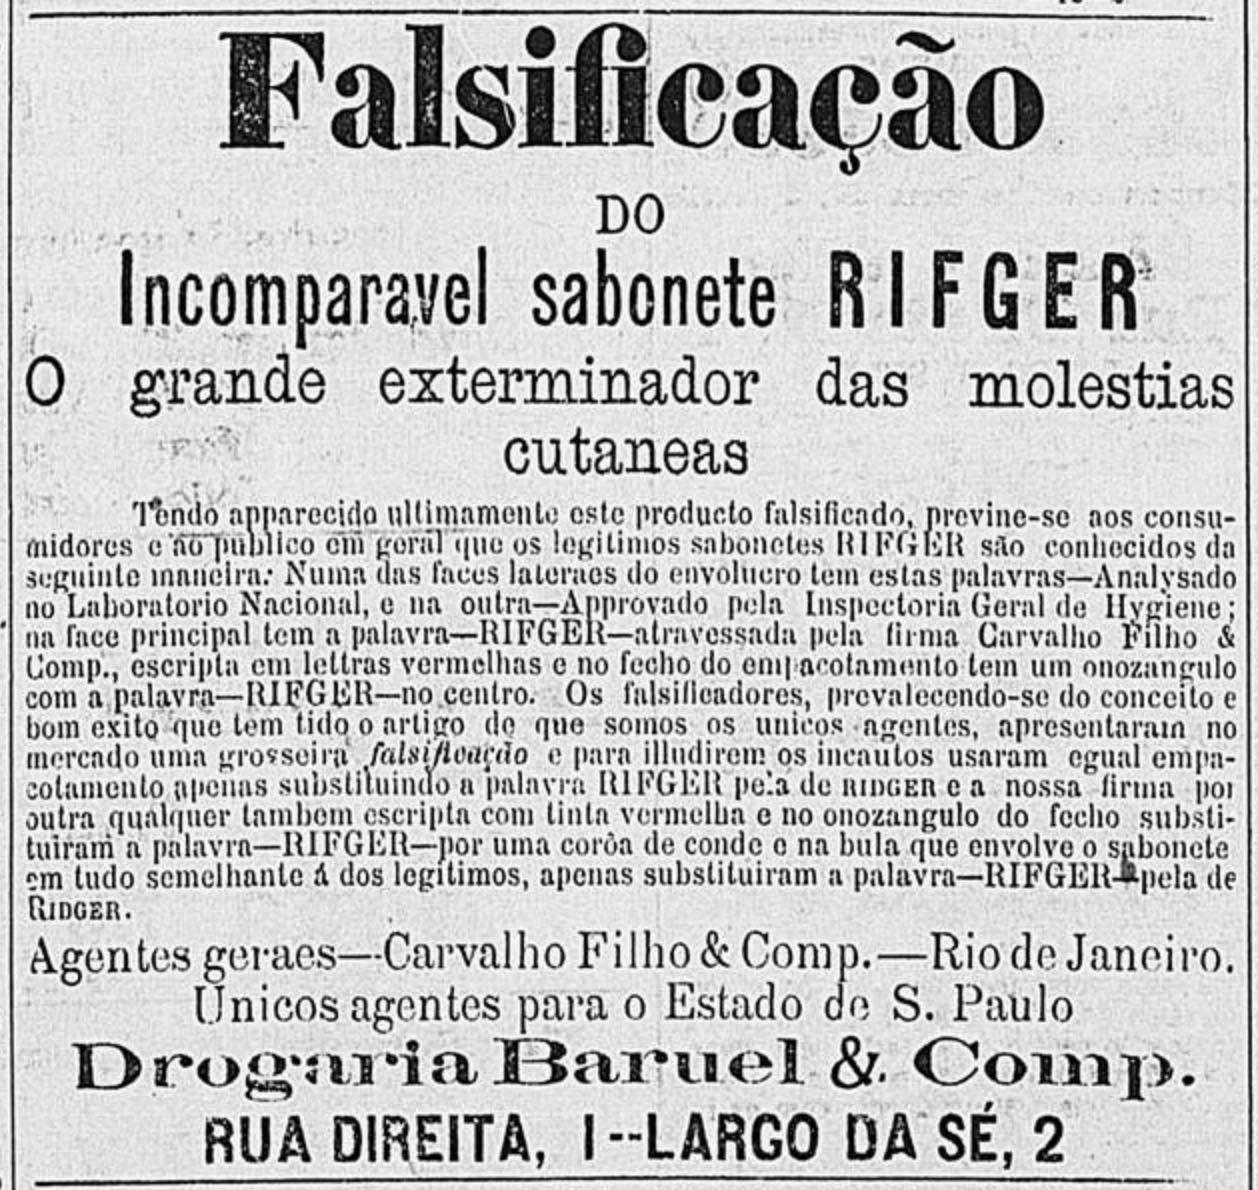 Anúncio de 1895 do Sabonete Rifger que alertava sobre produtos falsificados no mercado